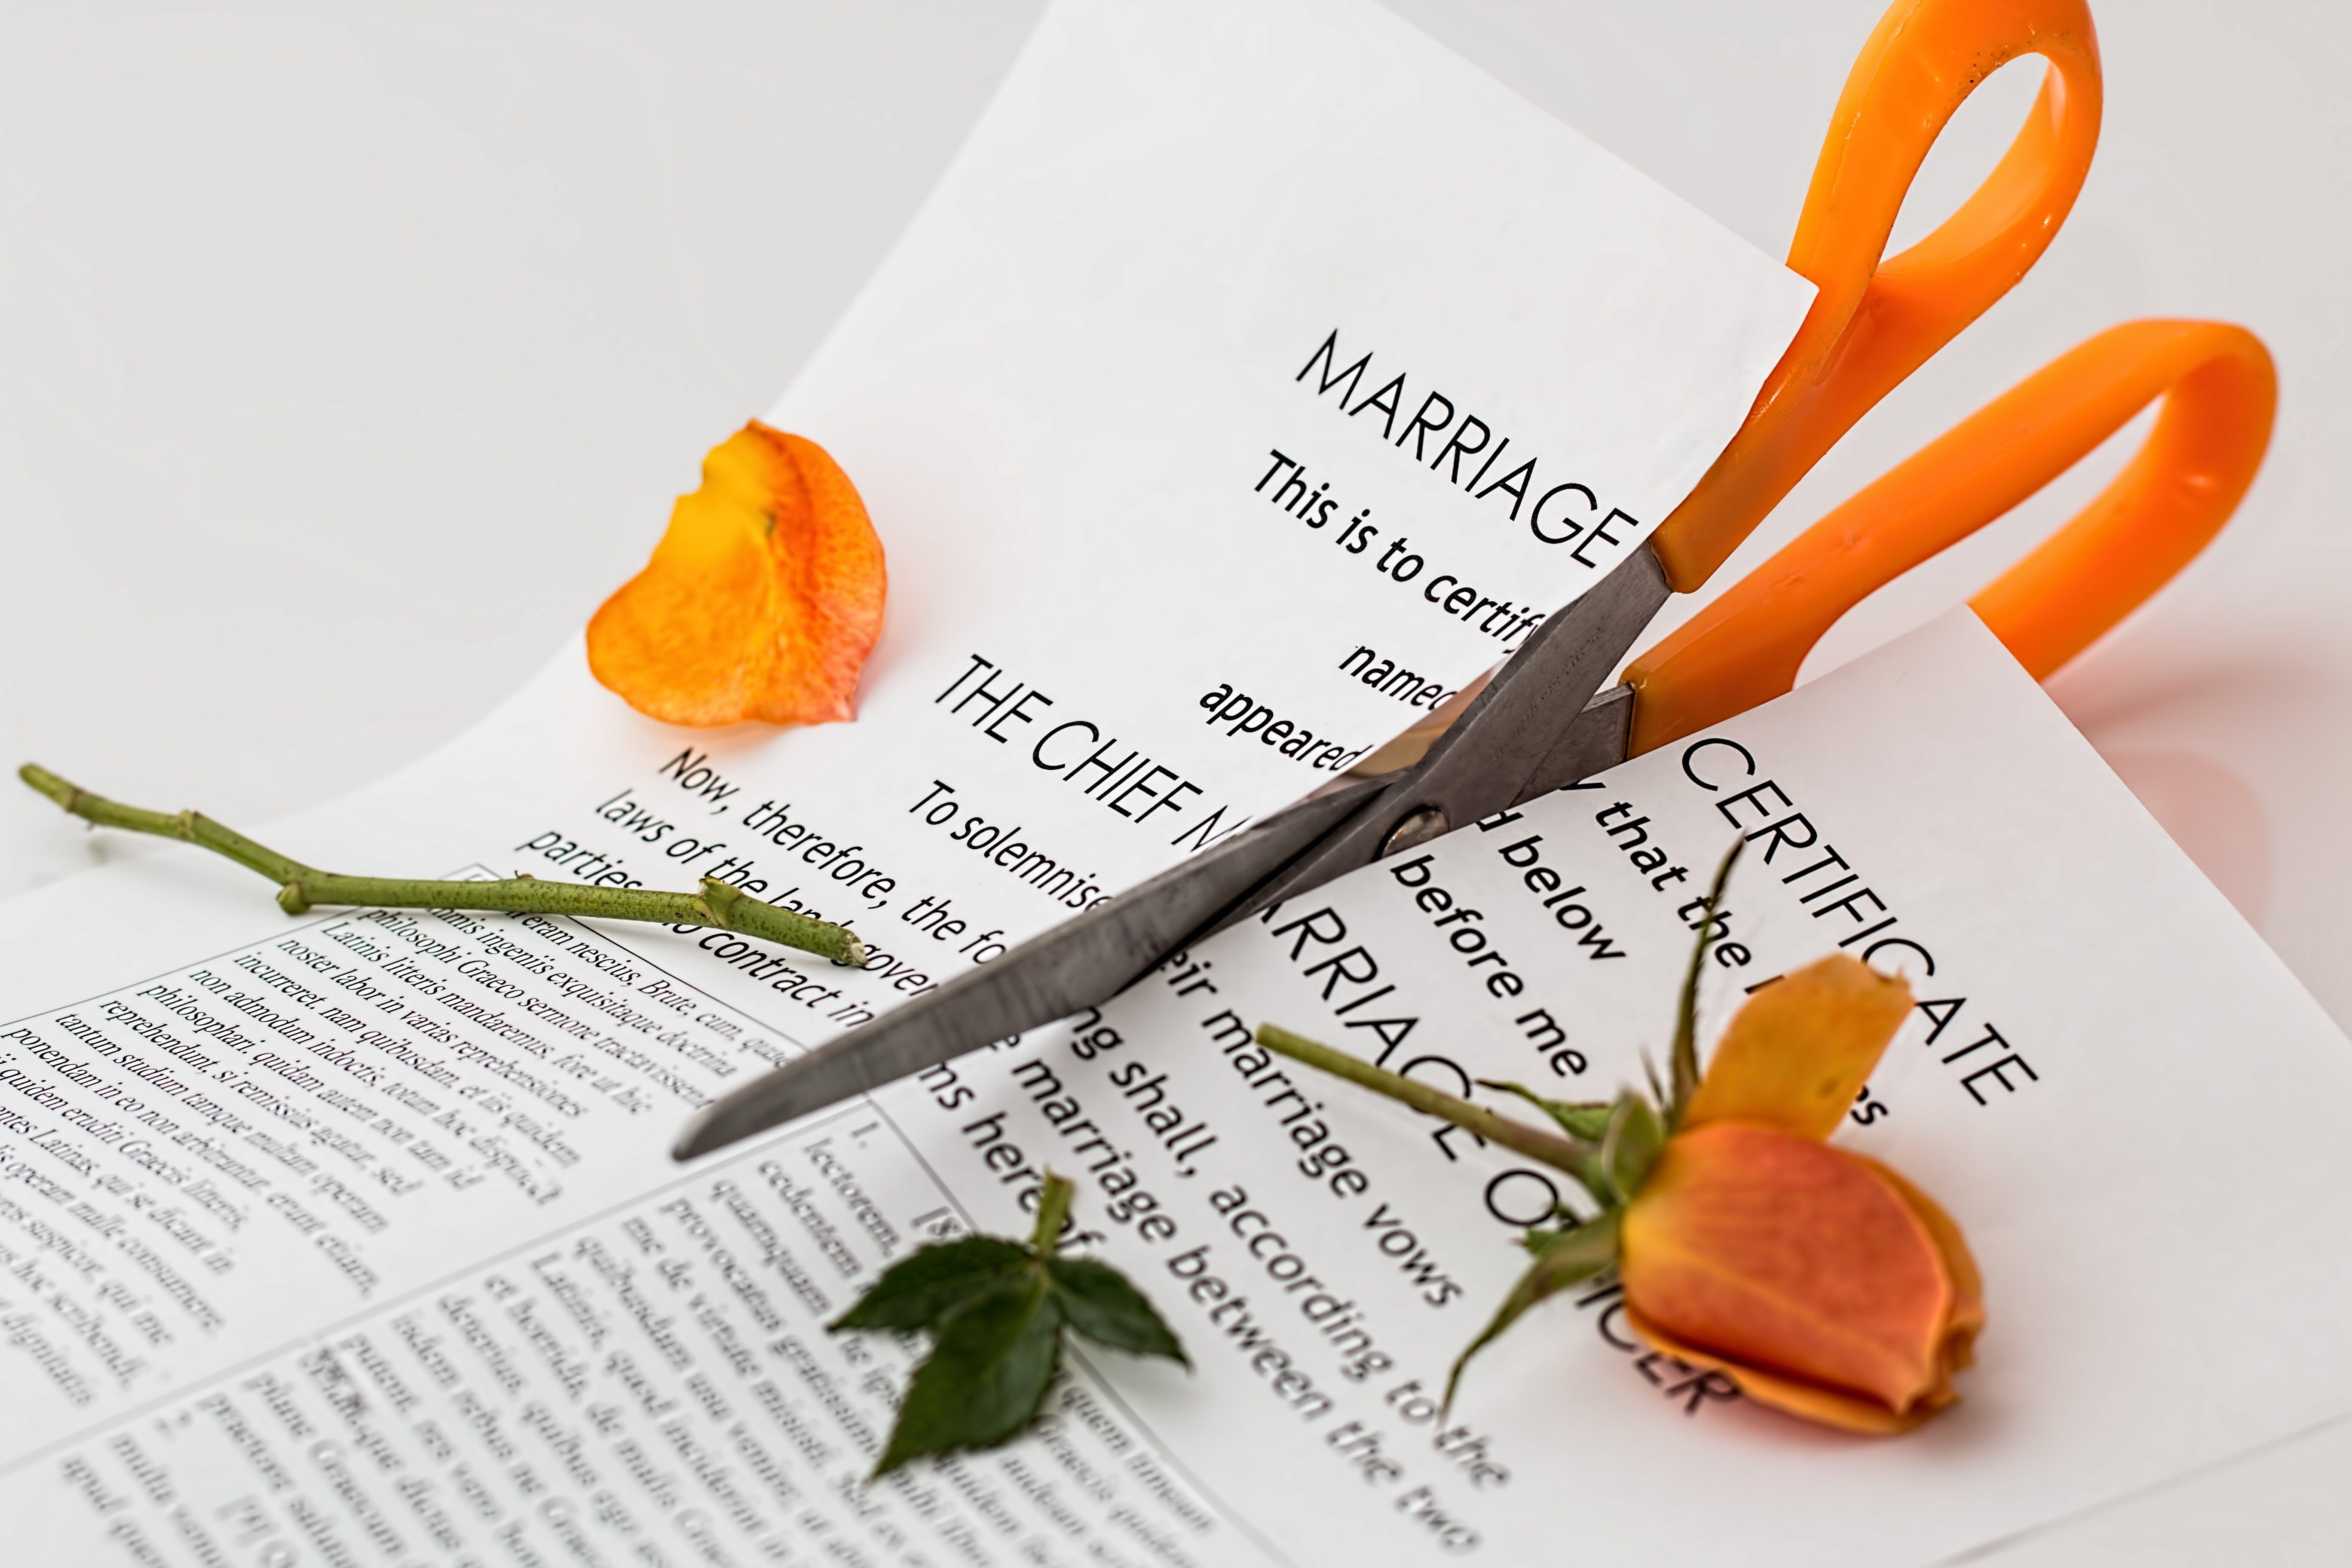 Printer Paper Cut With Orange Scissor